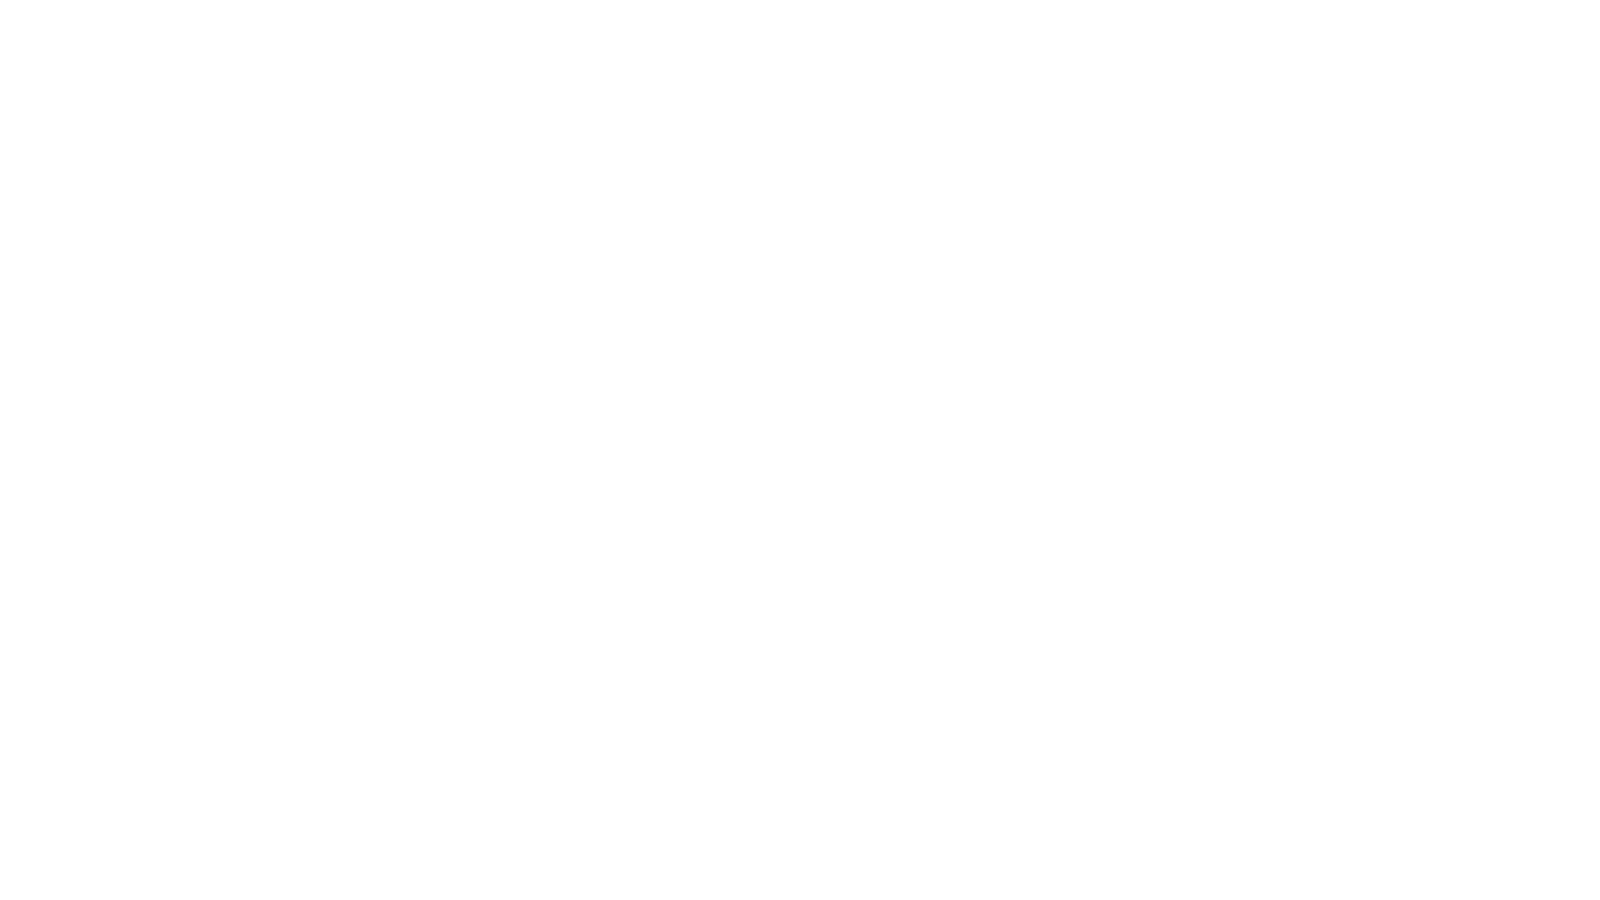 Rosario de antorchas presidido por la Virgen de los Dolores de la Hermandad del Nazareno de San Fernando (Cádiz).  📍 Iglesia Mayor parroquial de San Pedro y San Pablo de San Fernando (Cádiz).  📅 15 de septiembre de 2021.  🎥 Eduardo Albarrán Orte.